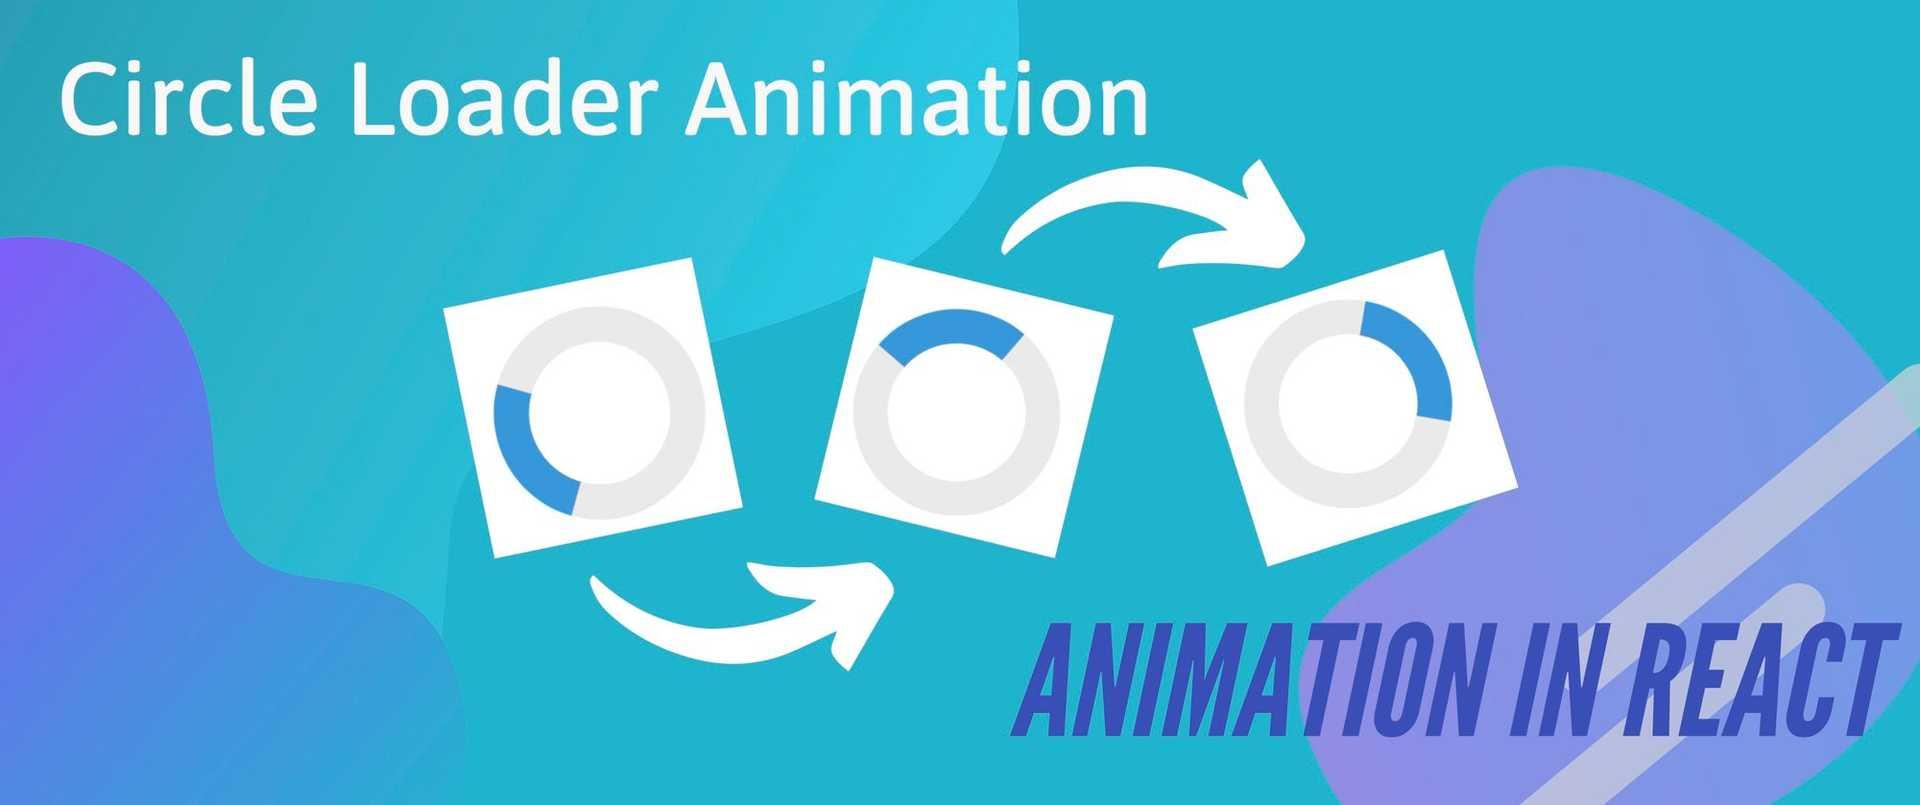 circle loader animation, three frames of circle loading animation